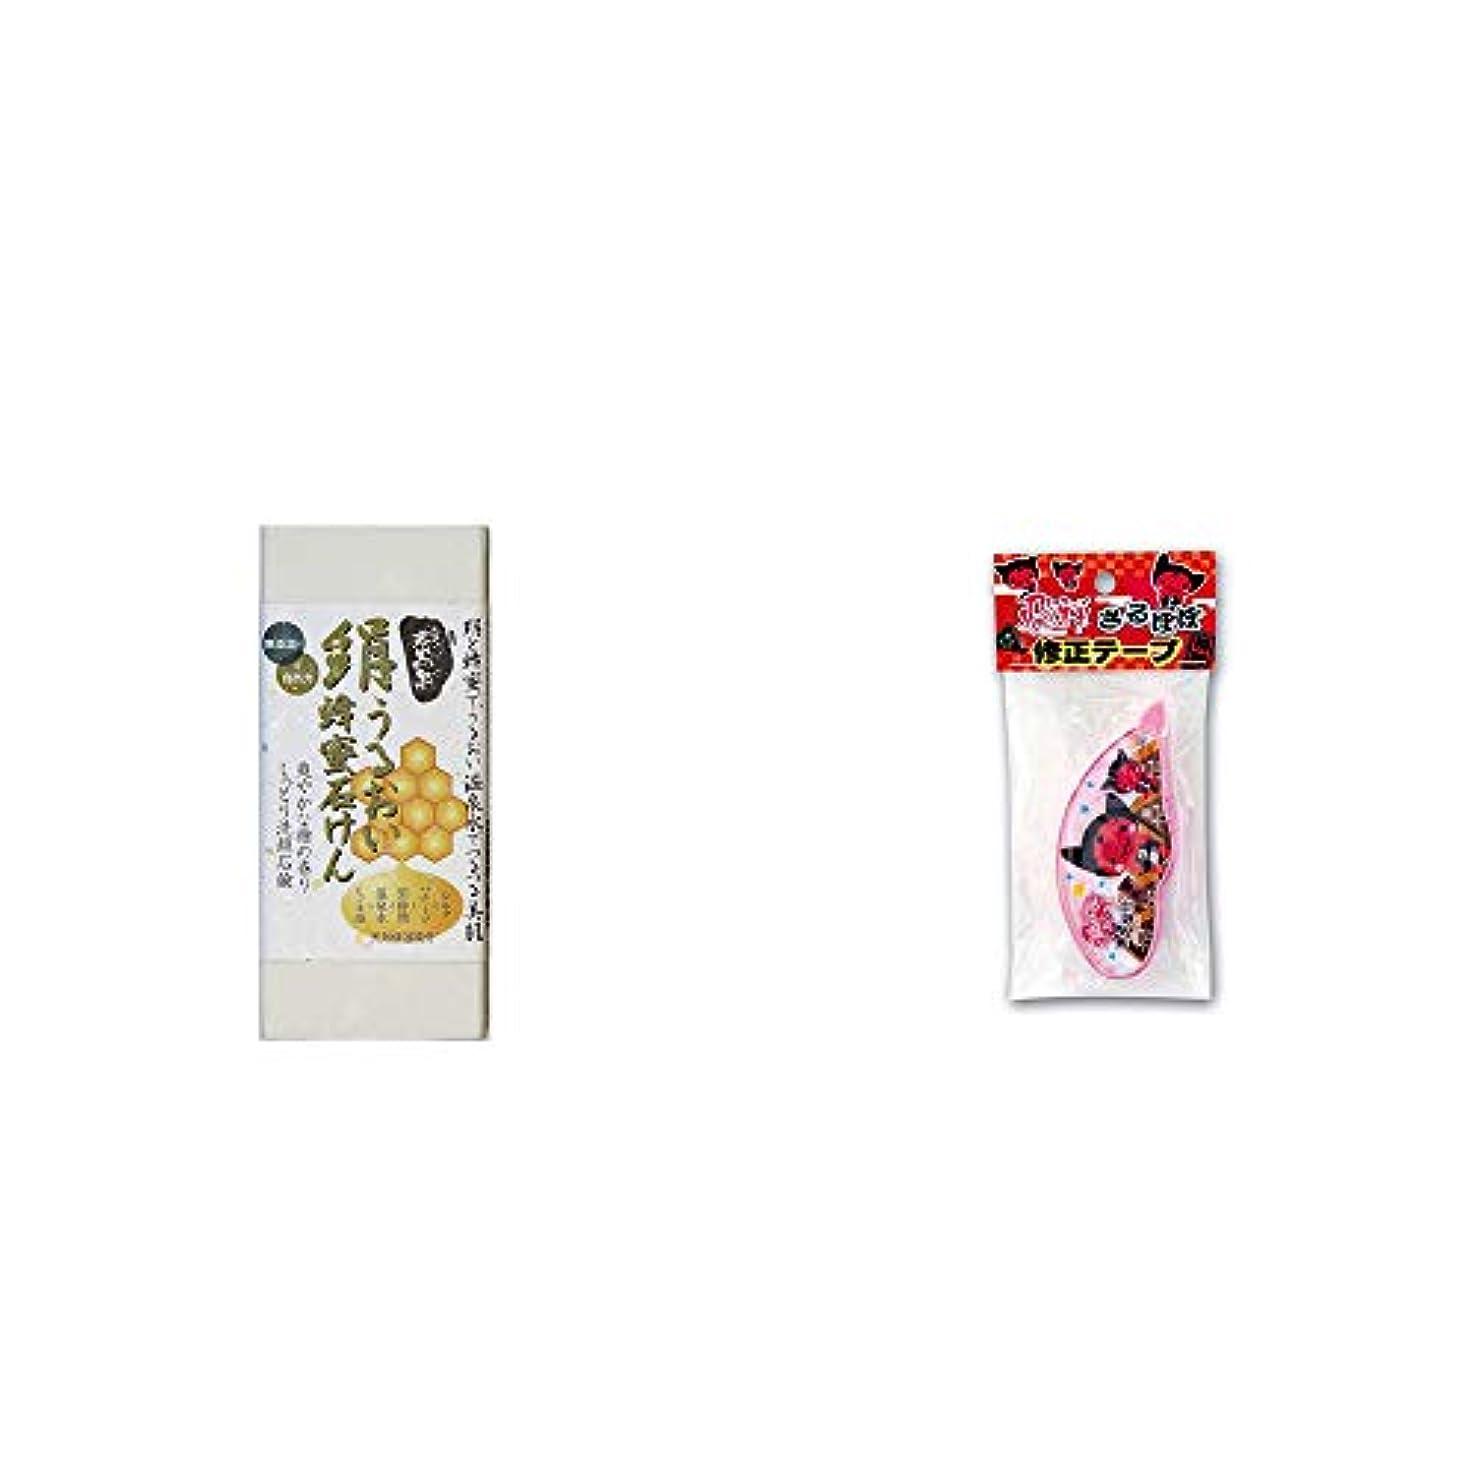 逃れる慈悲トイレ[2点セット] ひのき炭黒泉 絹うるおい蜂蜜石けん(75g×2)?さるぼぼ 修正テープ【ブルー】